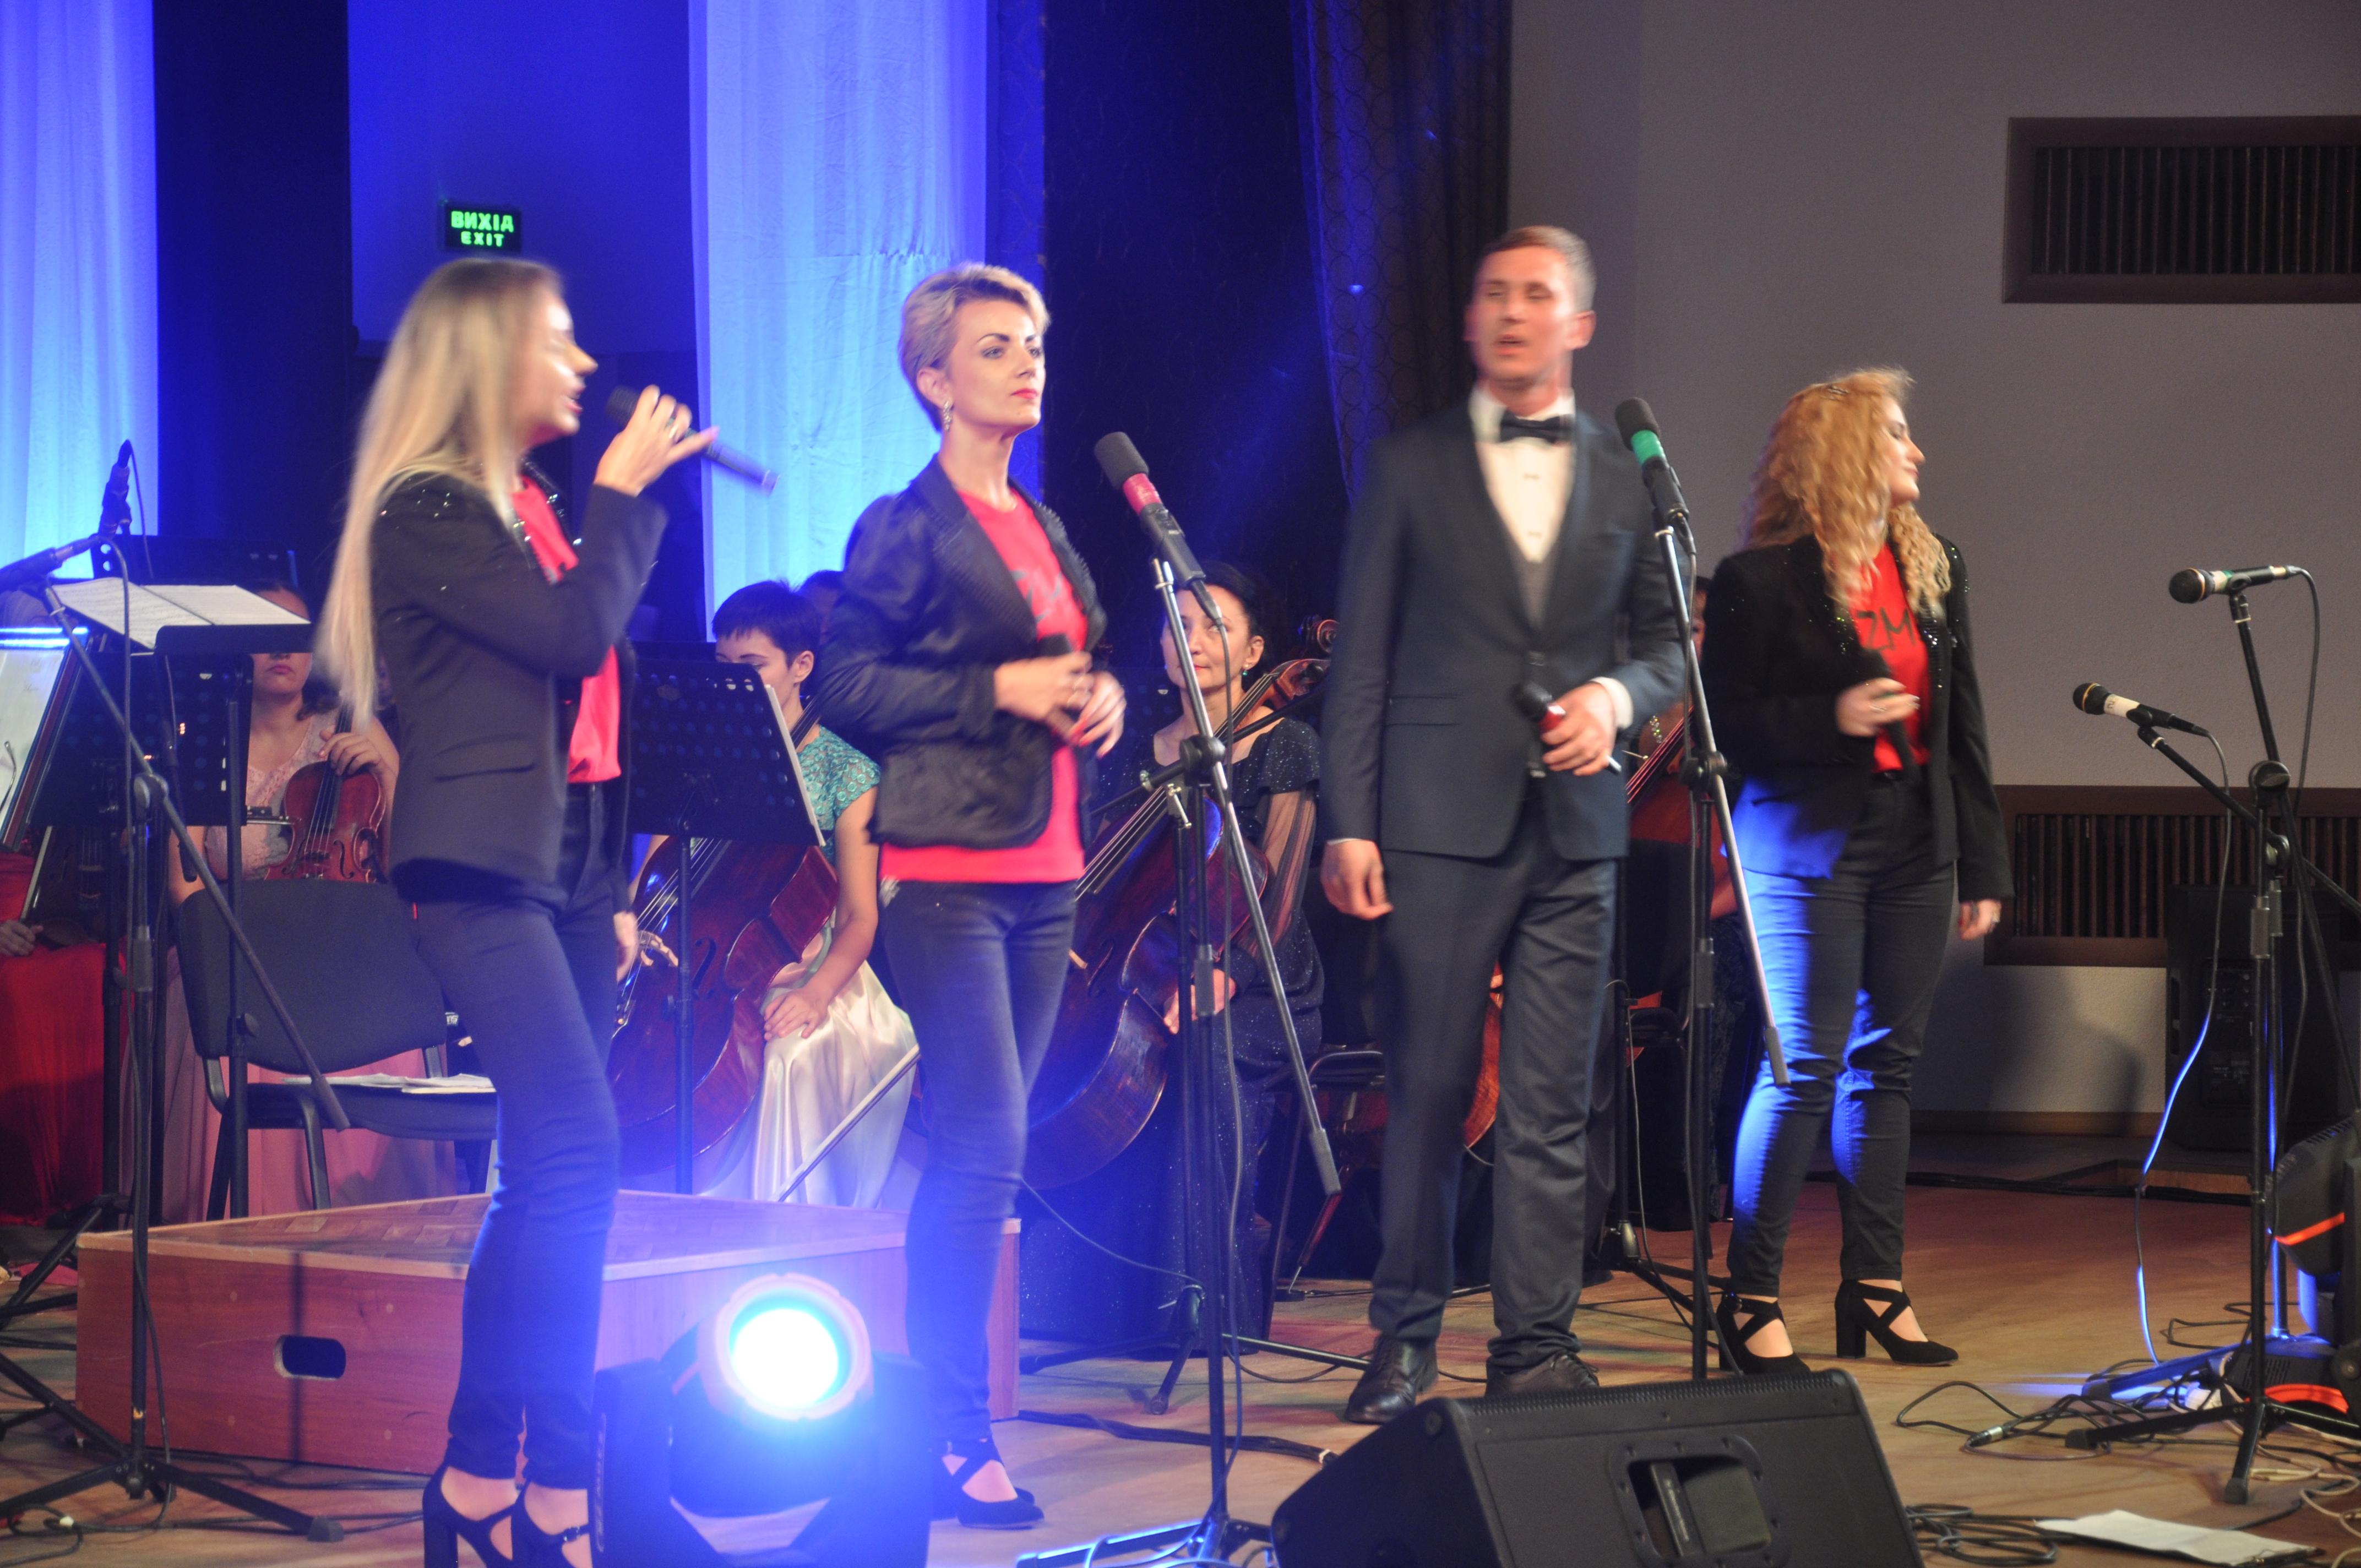 большой красивый фотографии с юбилейного концерта м дриневского теперь давайте узнаем